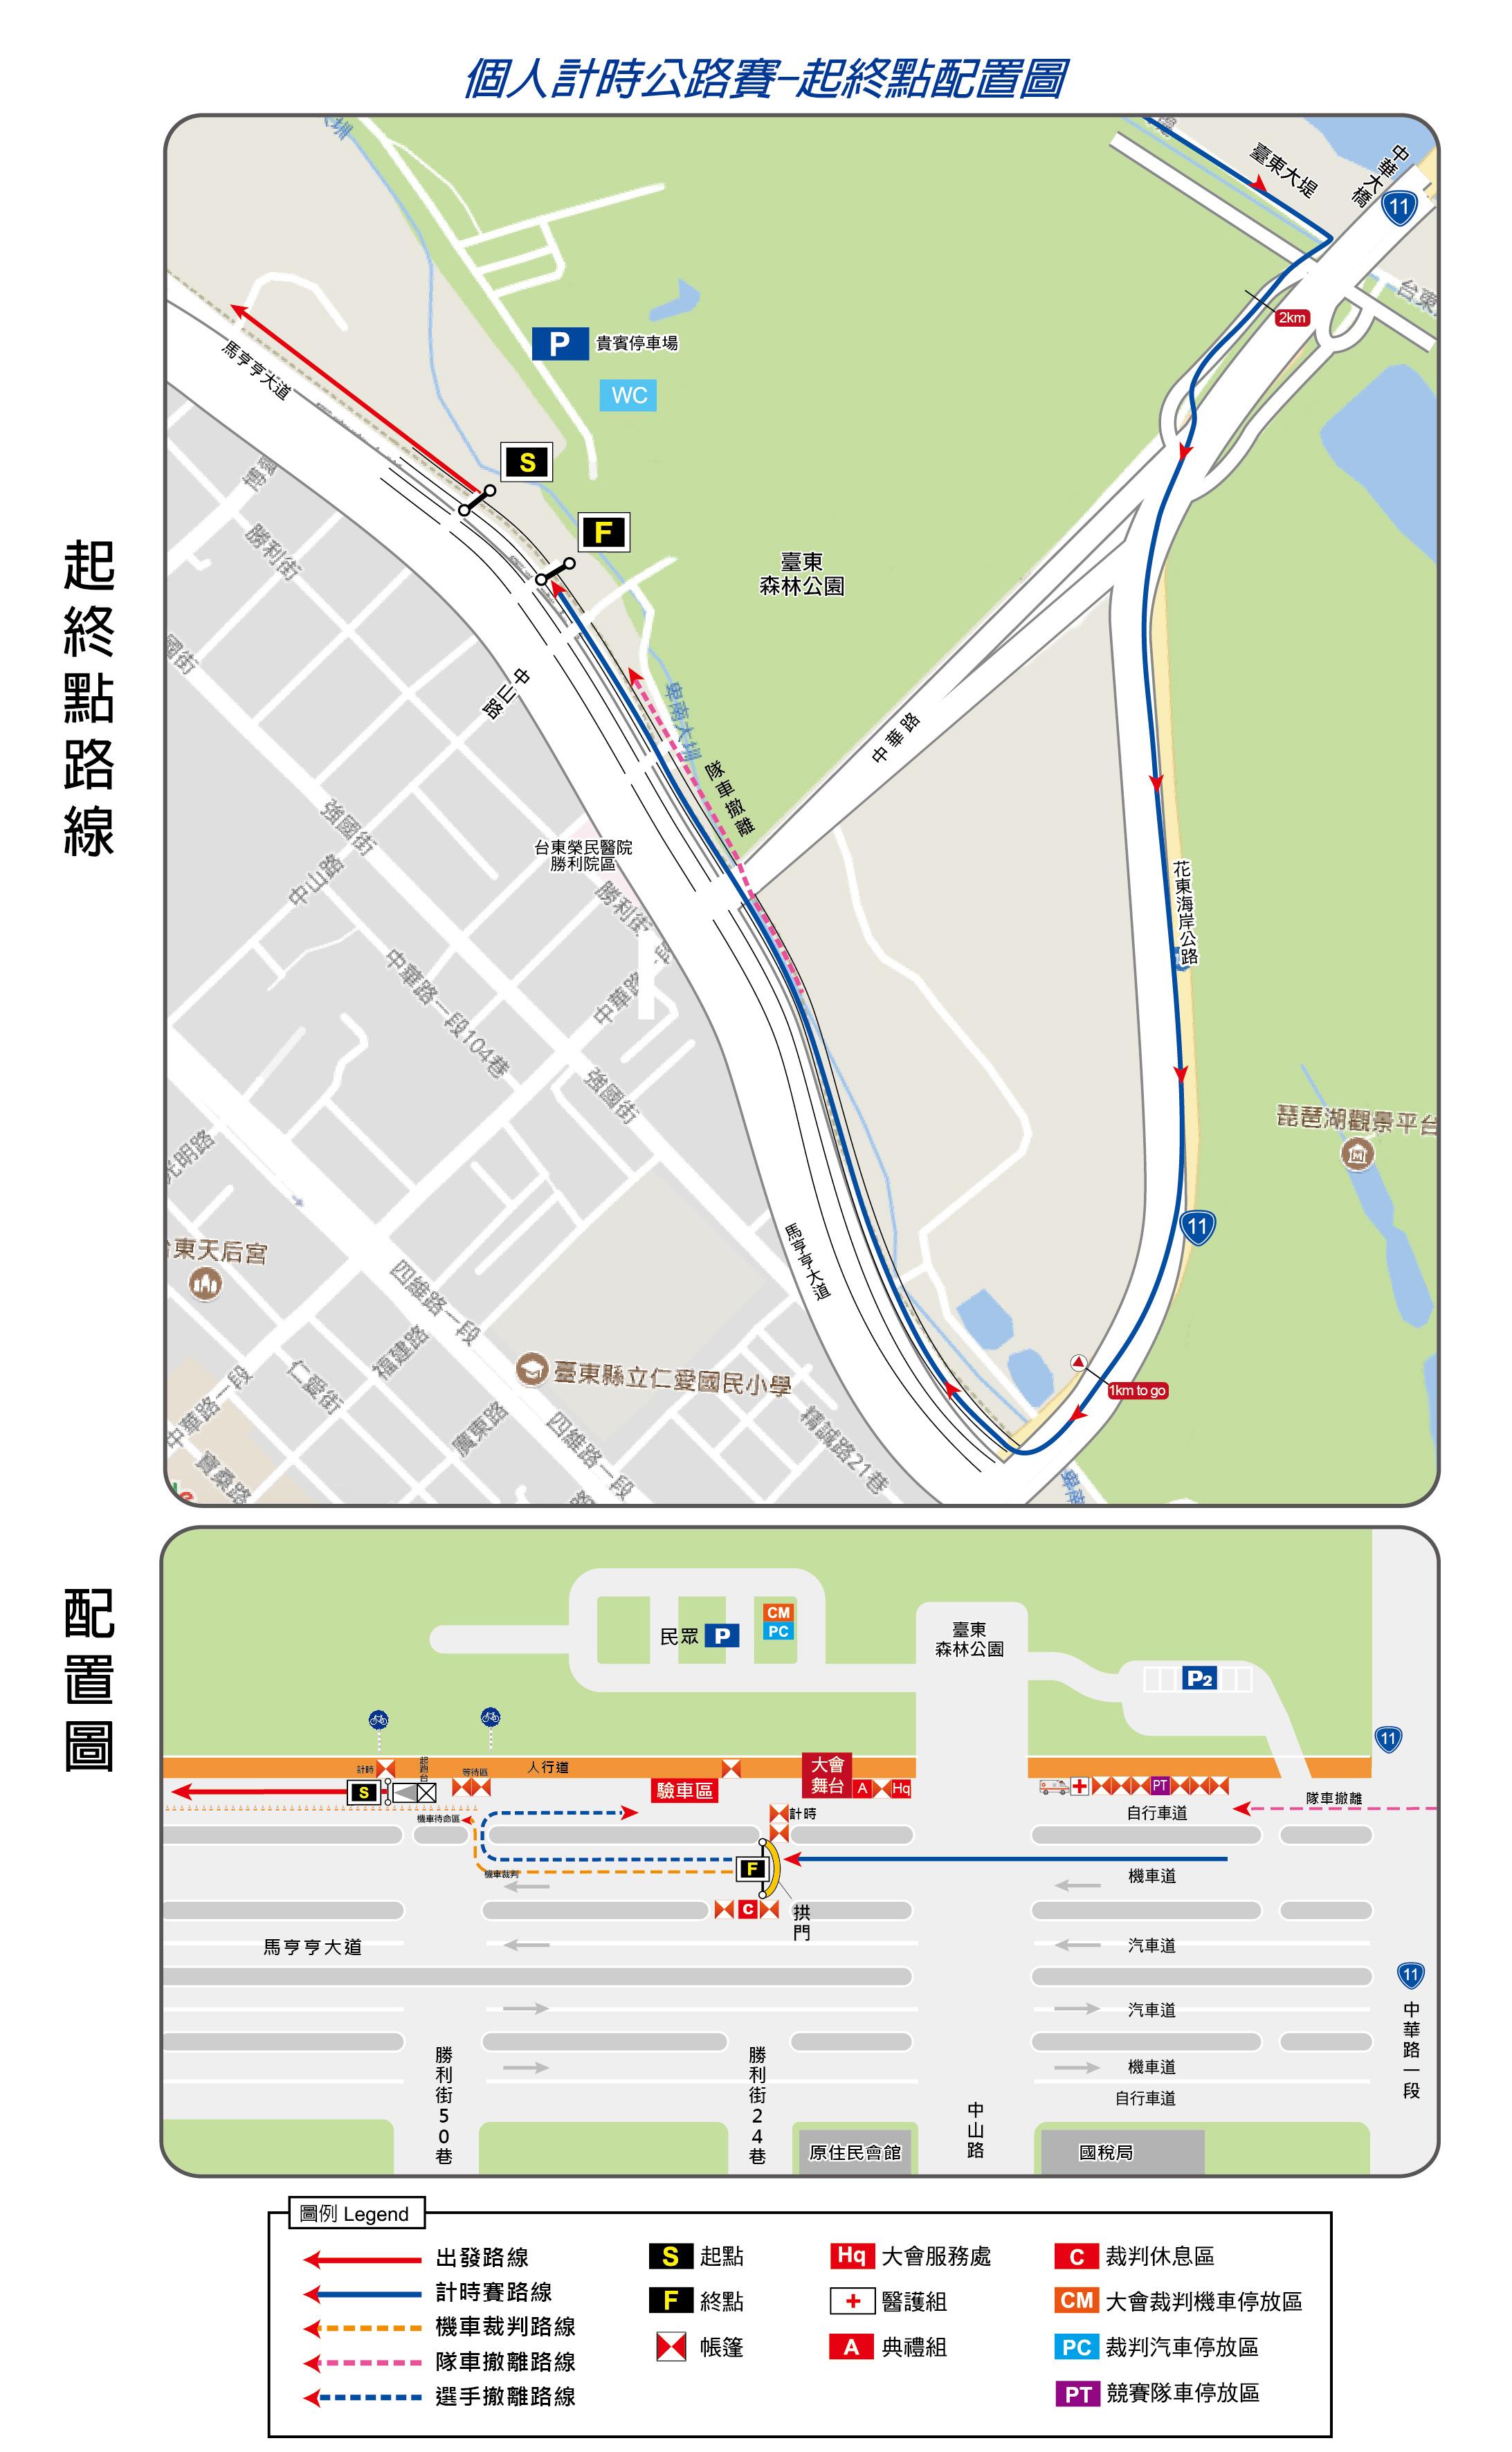 106競賽路線圖(計時賽_起終點配置)